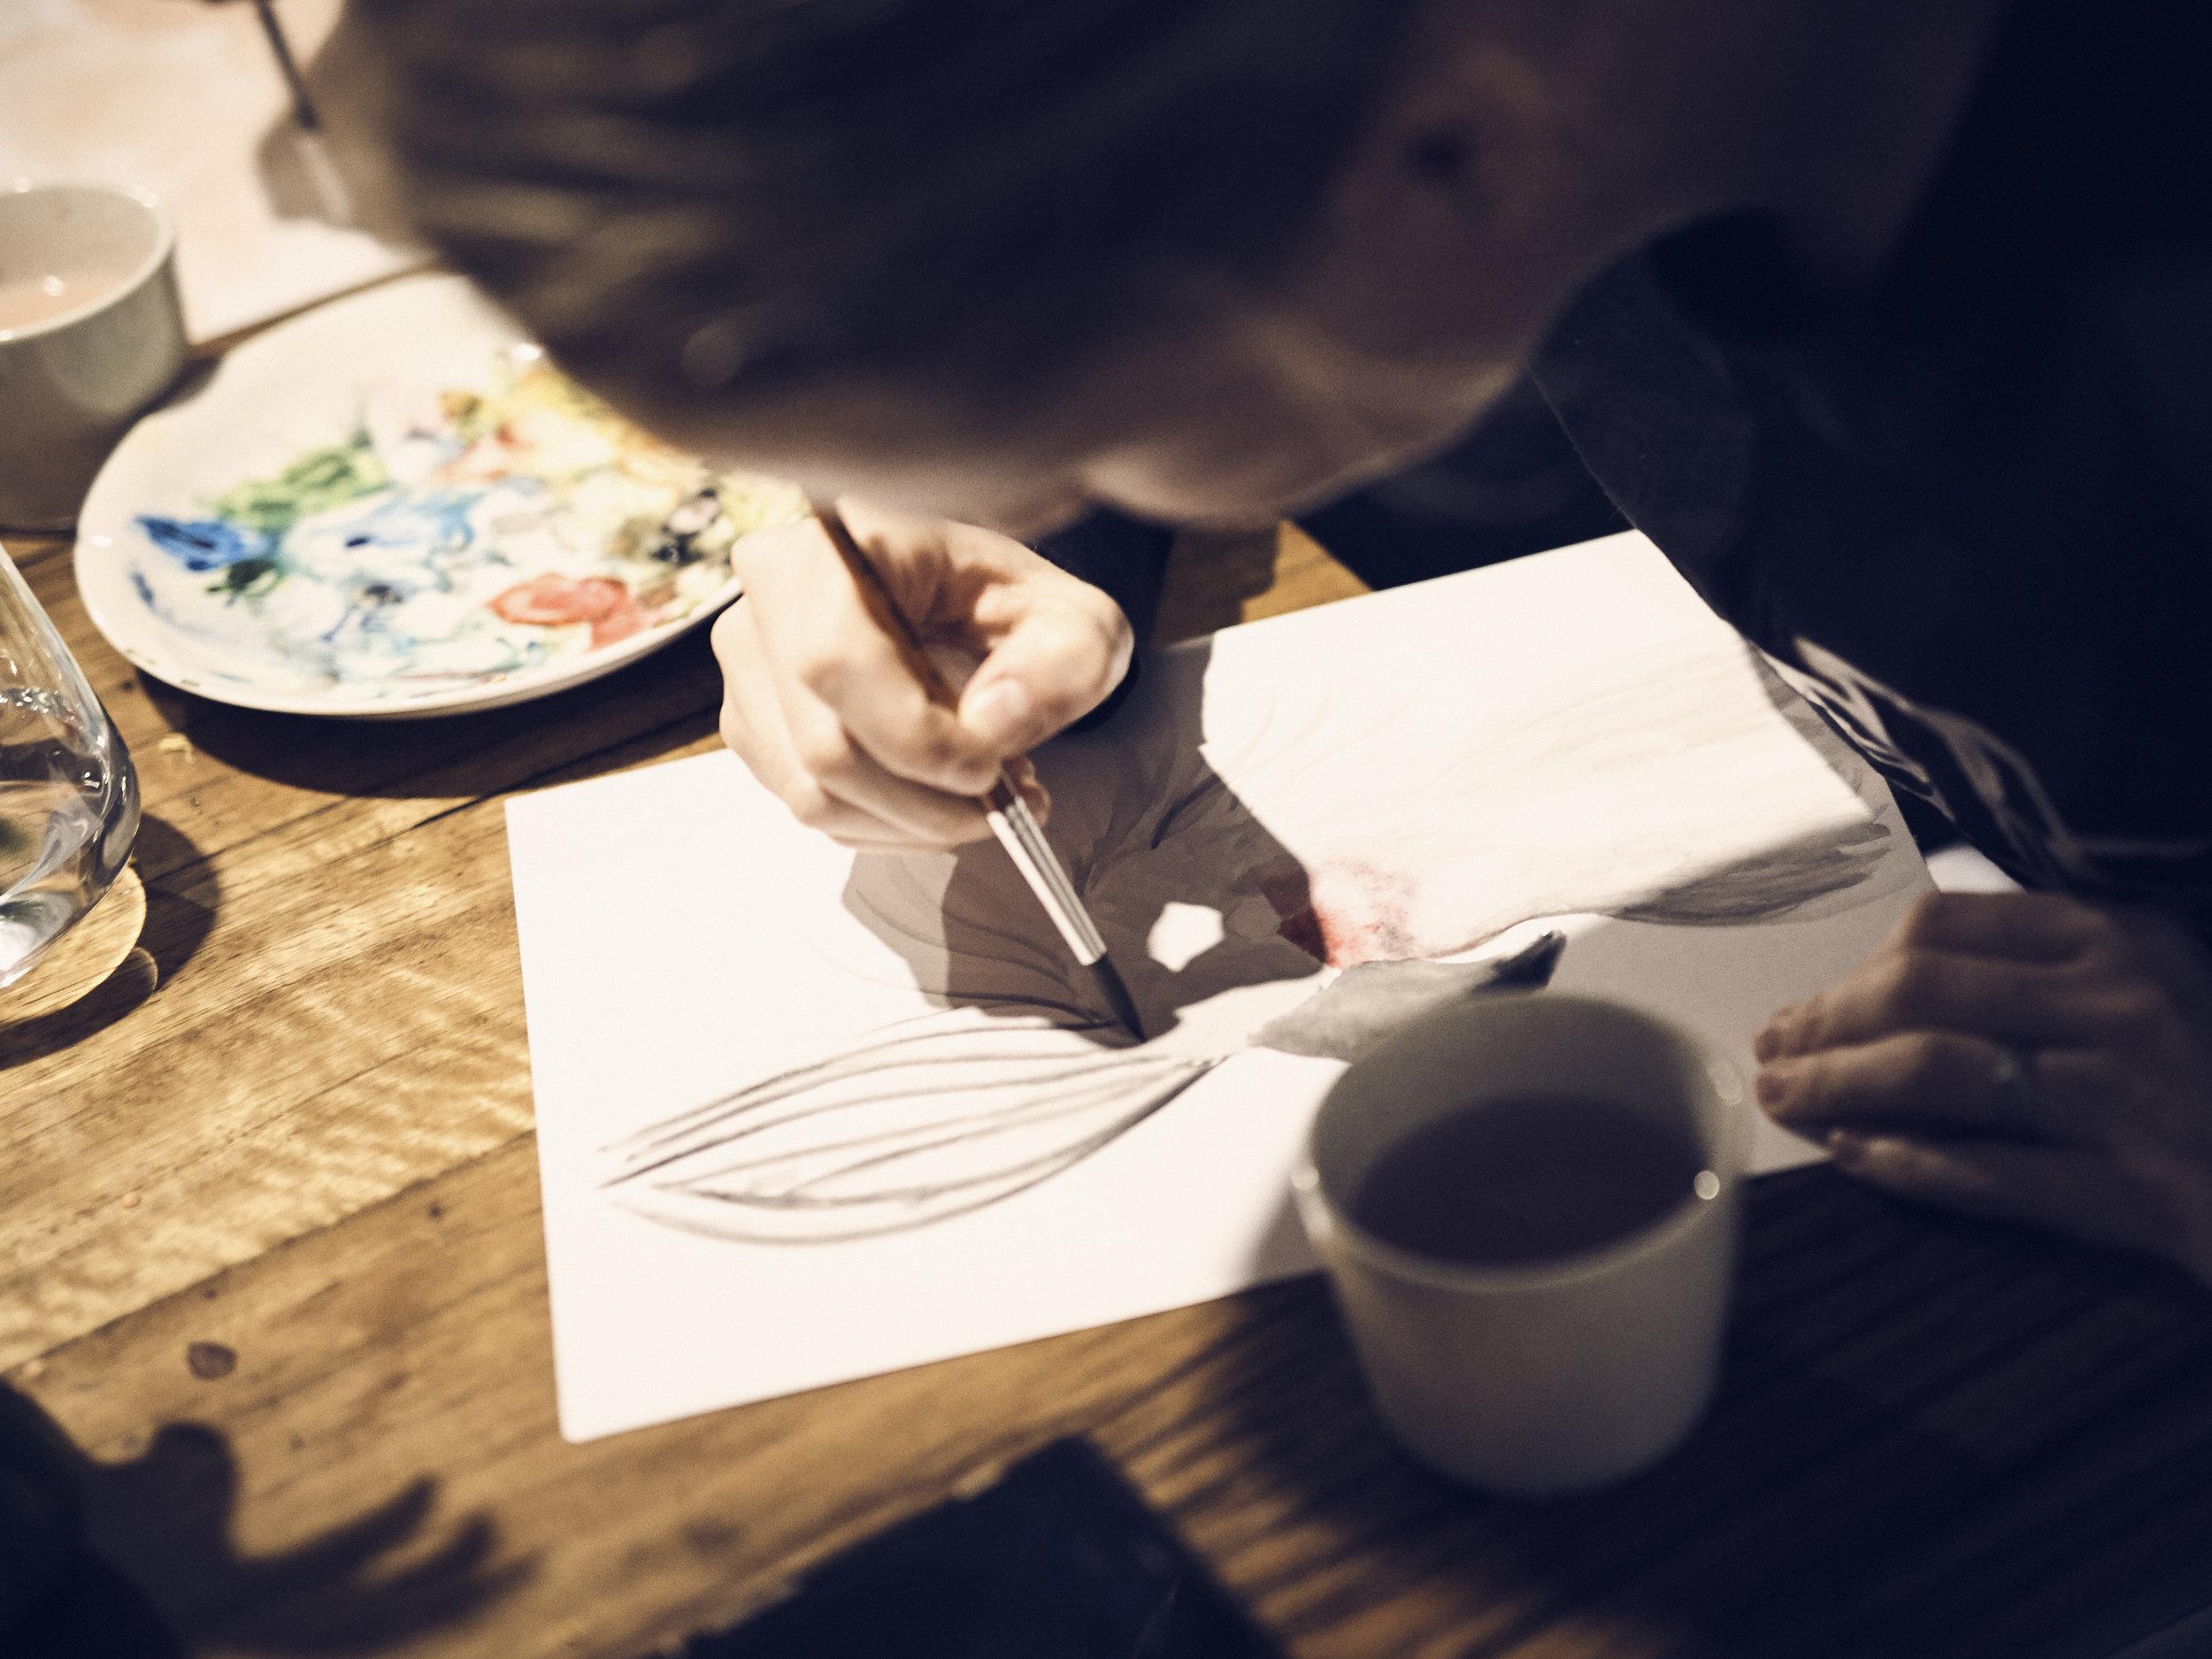 Workshop_087.jpg